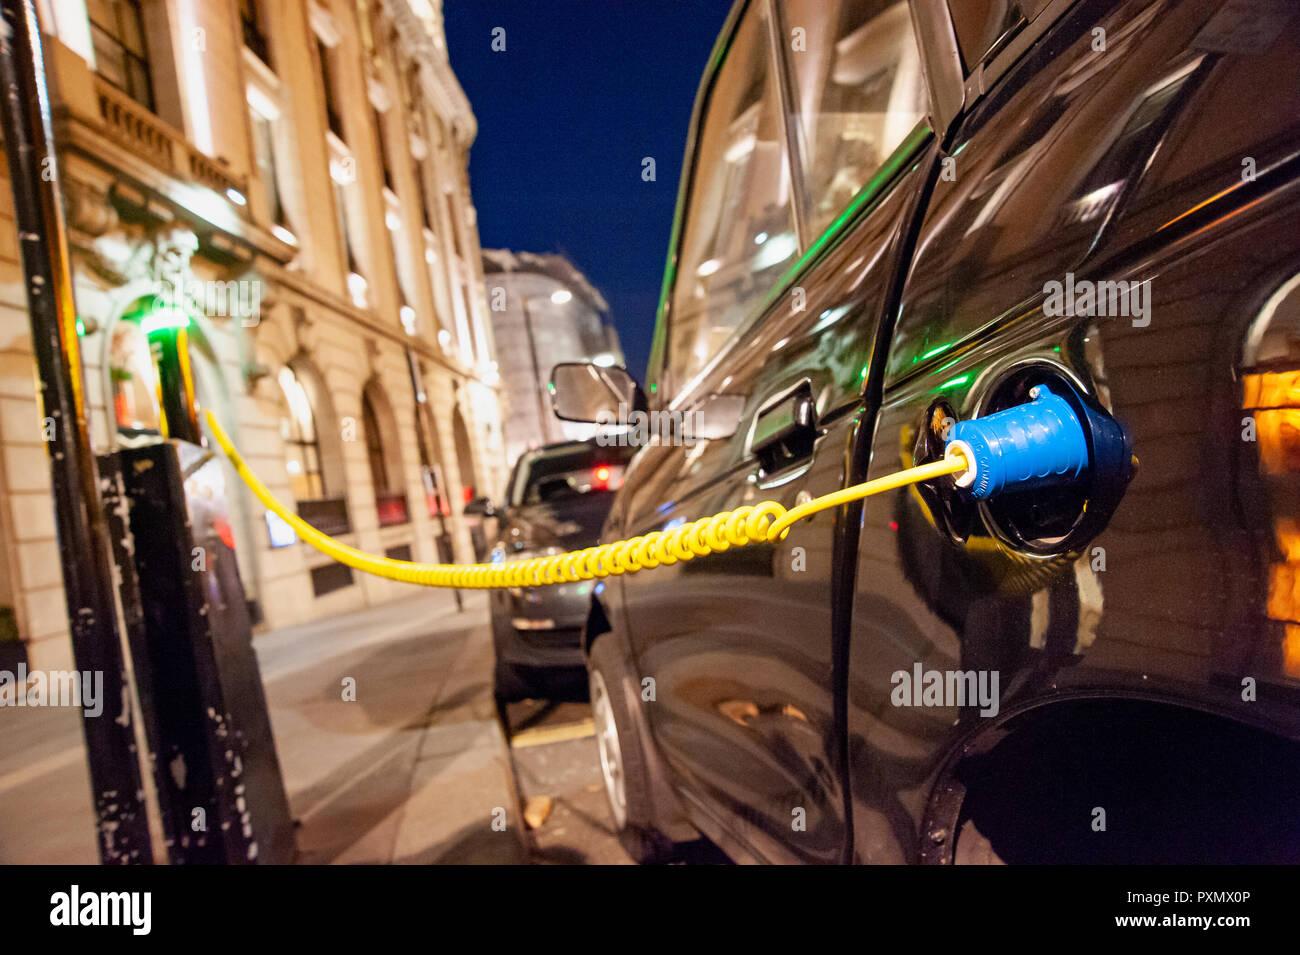 Ricarica di un'auto elettrica in una stazione di ricarica della città, Regno Unito, Londra Foto Stock